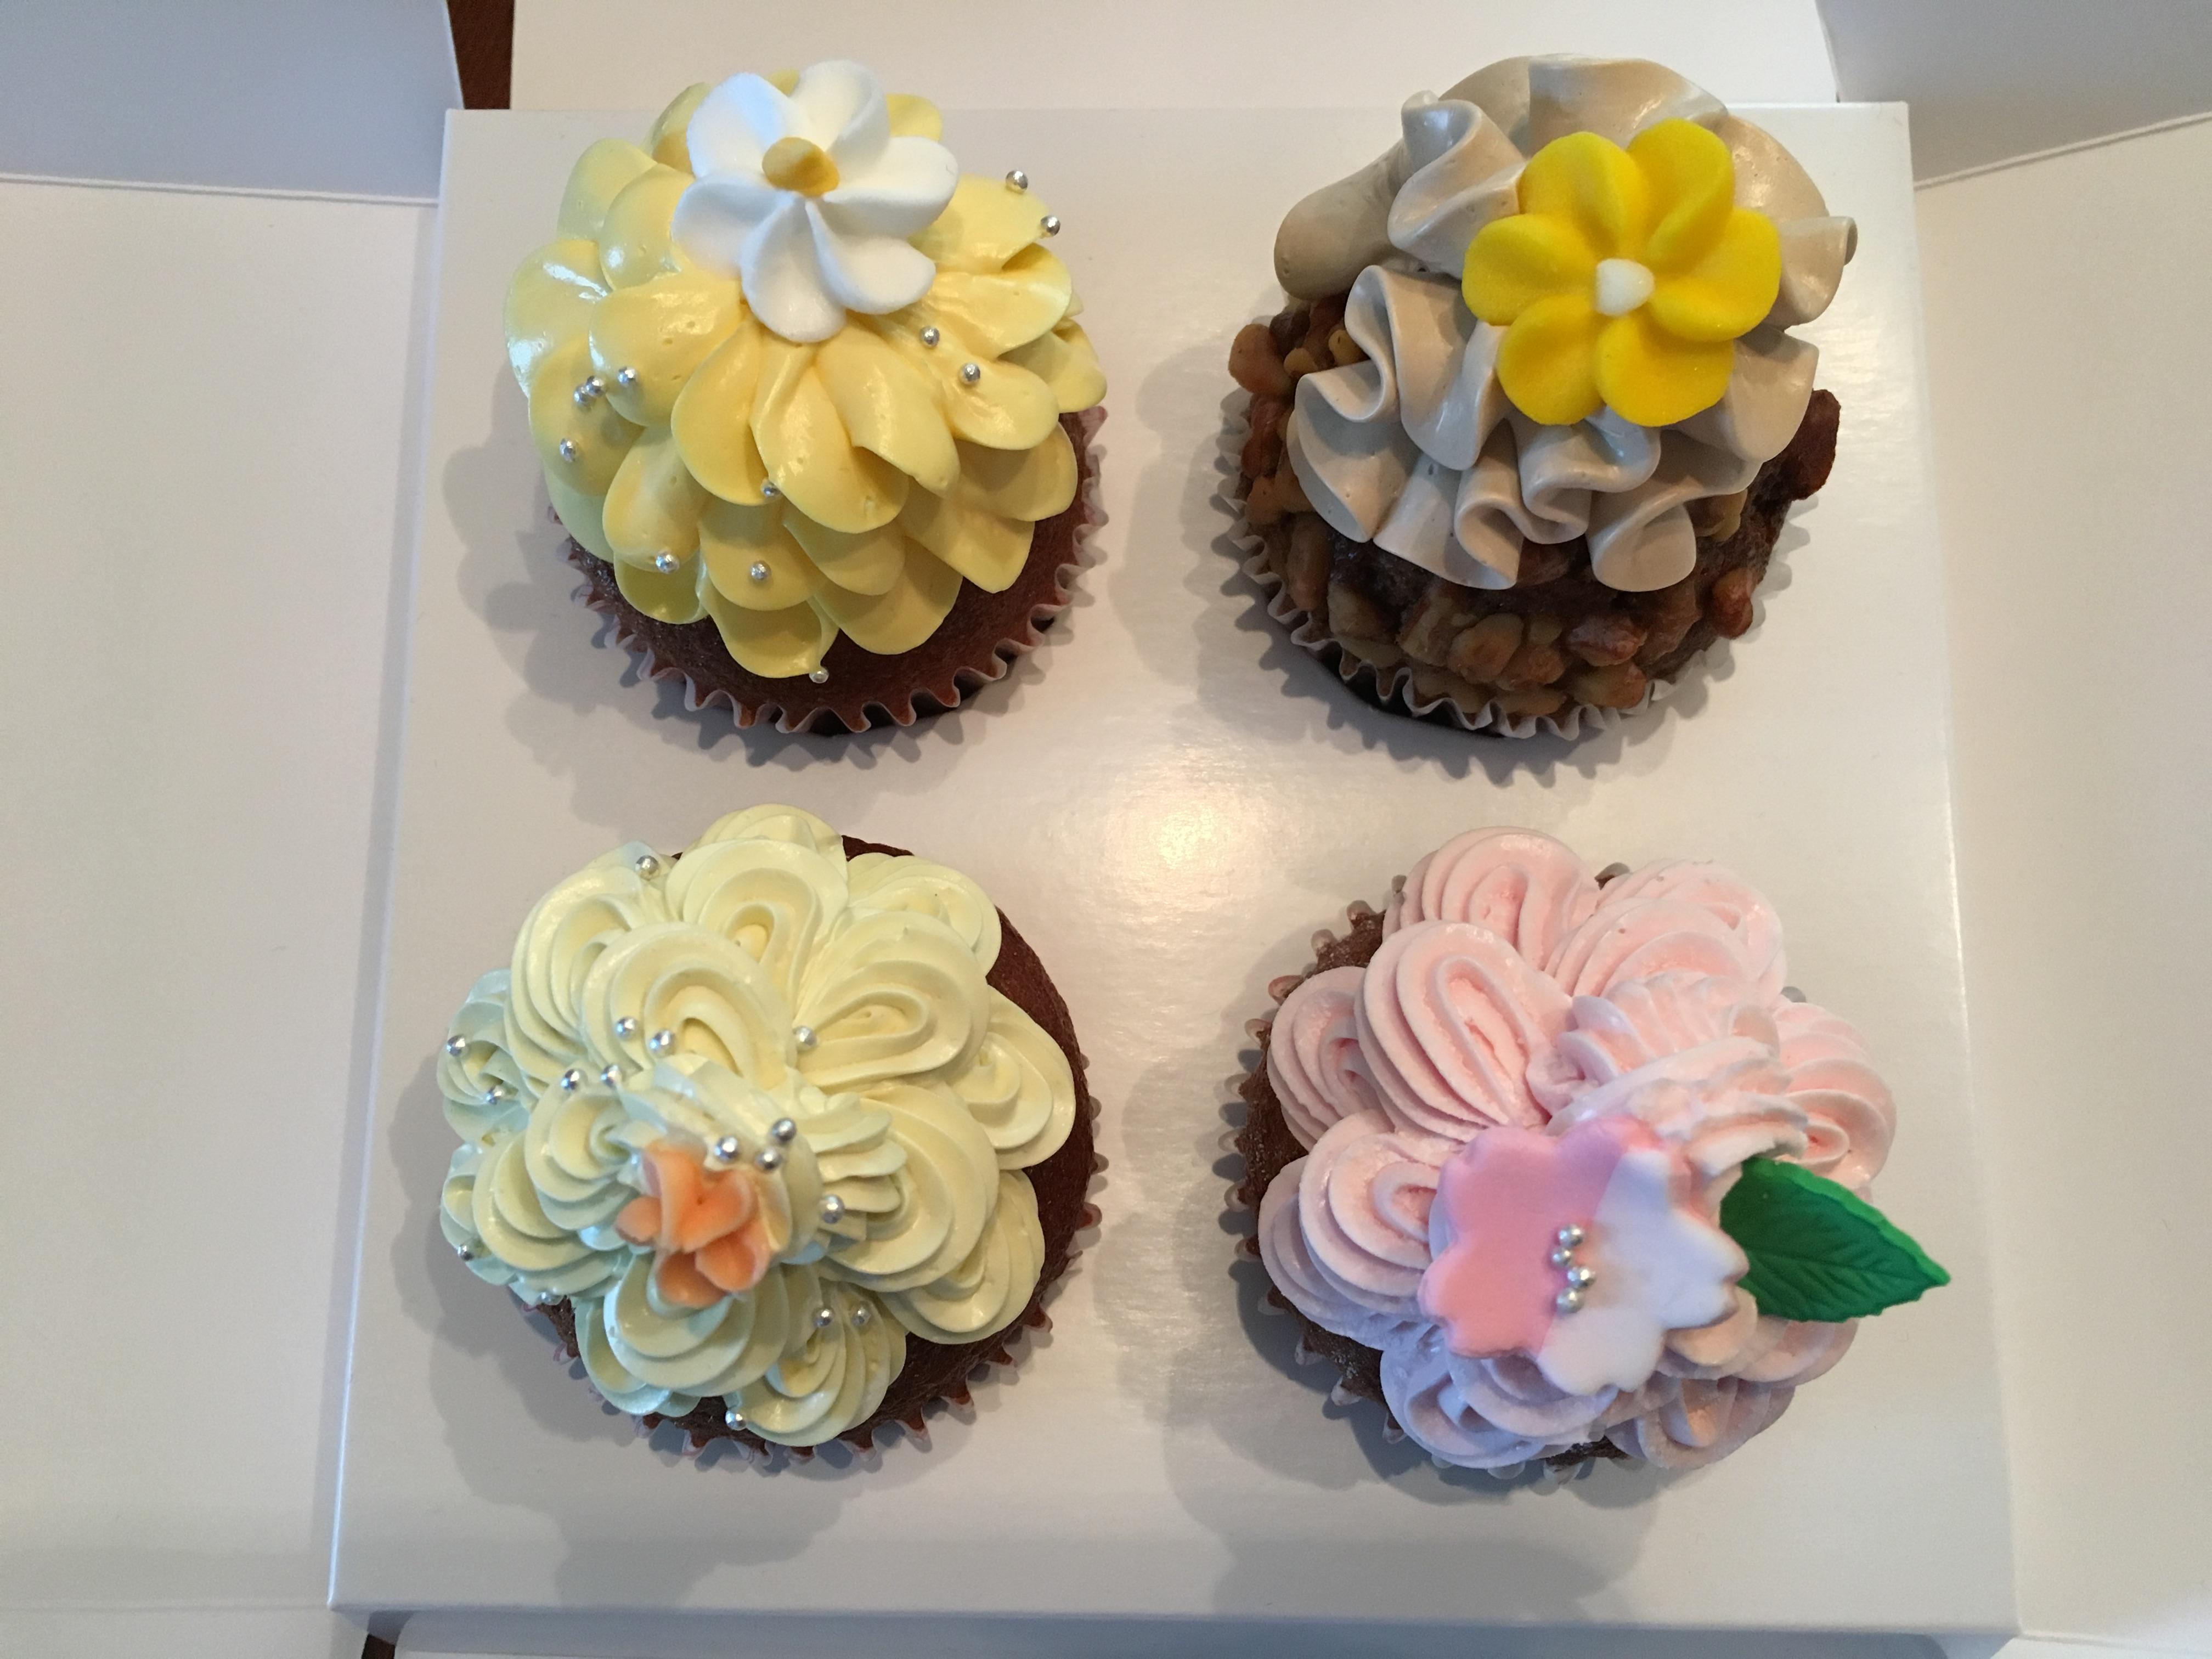 SALLY'Sのカップケーキを食べ比べ!おすすめの味はレモン&ハニー!